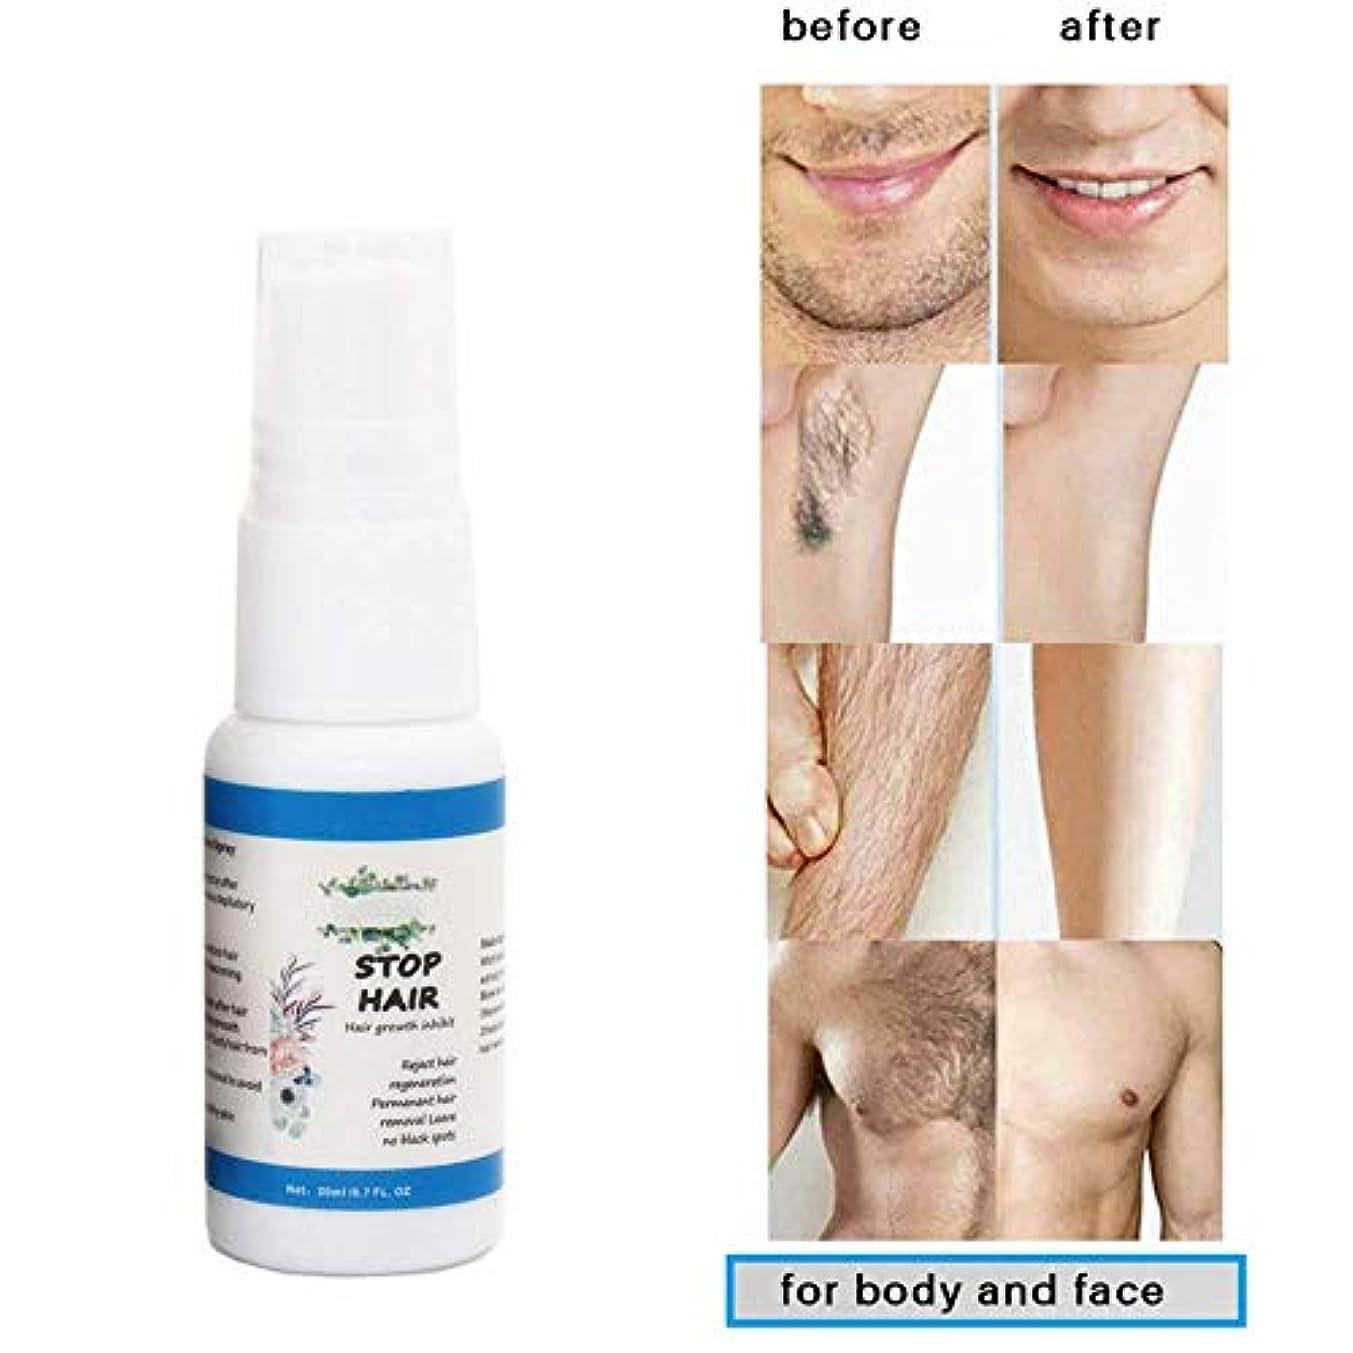 ガイドうなるカニ脱毛スプレー阻害剤発毛血清発毛除去を防ぎます修理脱毛剤製品ナチュラル非刺激栄養毛穴シュリンク20ml